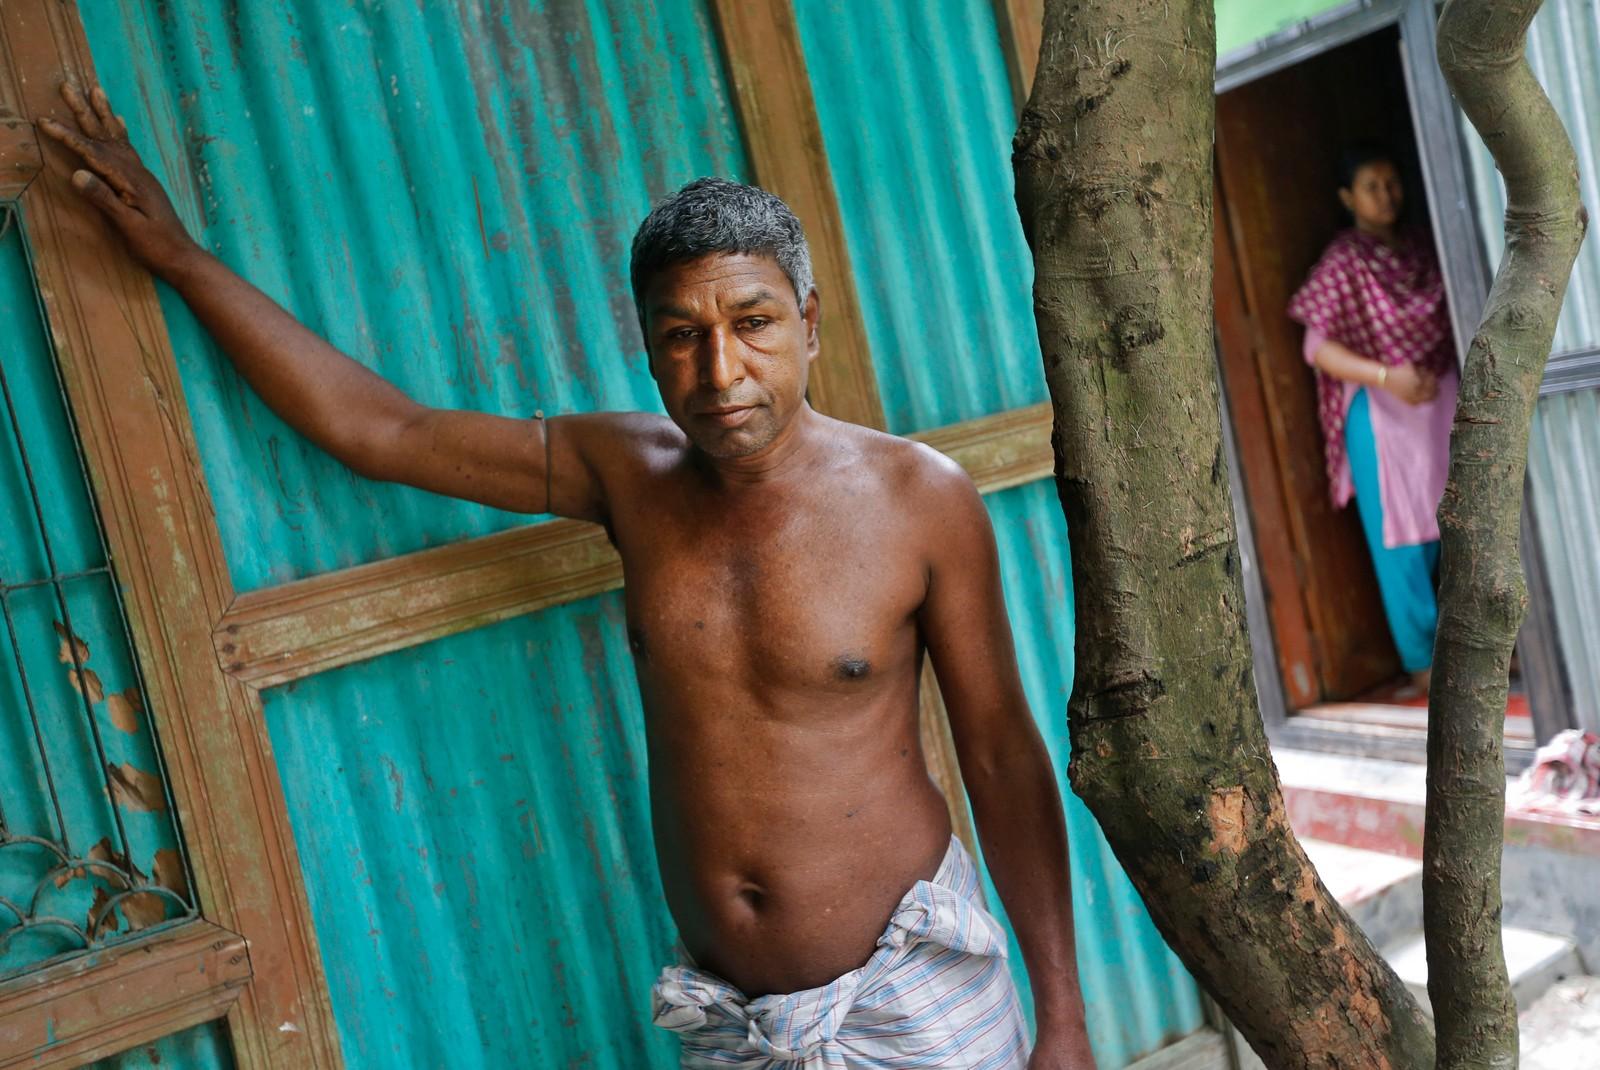 Shukkur Ali står ved inngangen til hjemmet sitt i Sonargaon rett utenfor hovedstaden Dhaka i Bangladesh. Han har i flere år drukket arsenikkforgiftet vann.